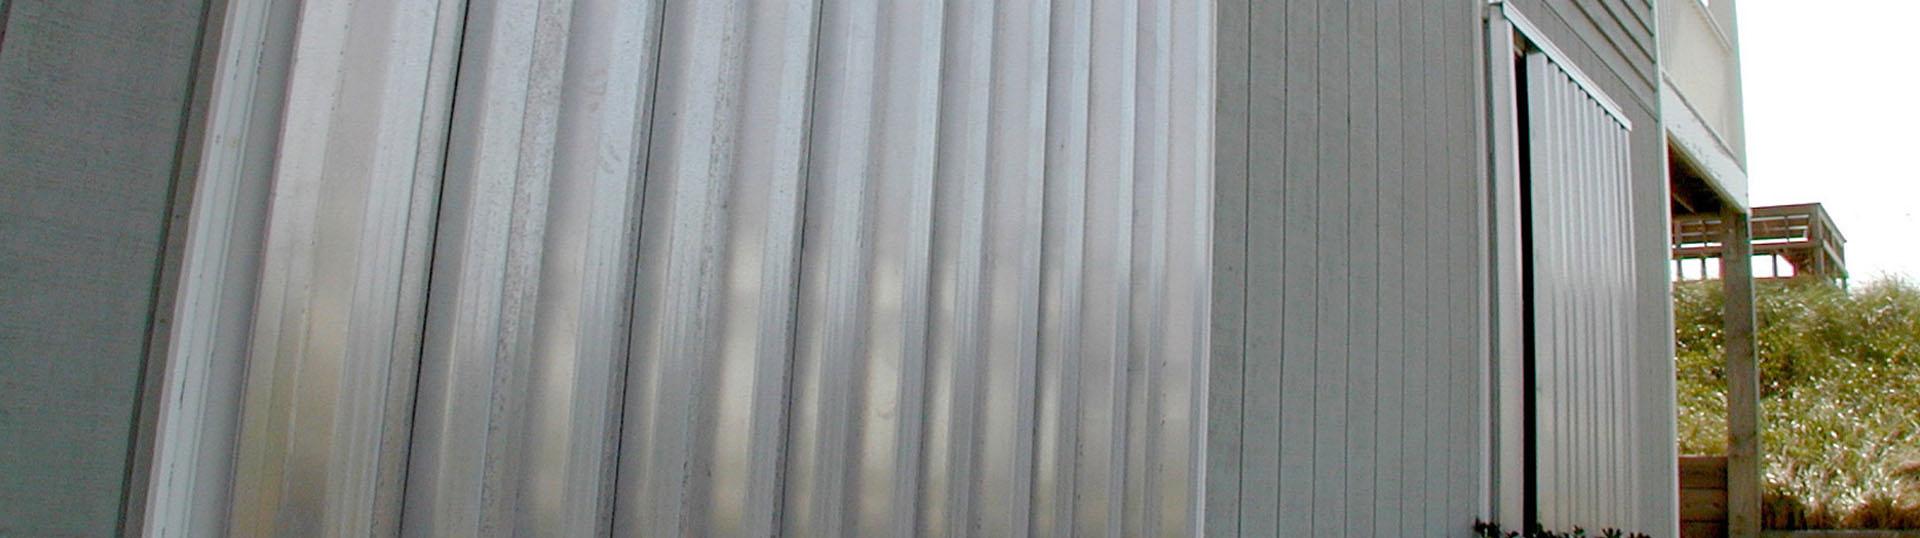 Perché i cancelli residenziali in alluminio sono la soluzione migliore